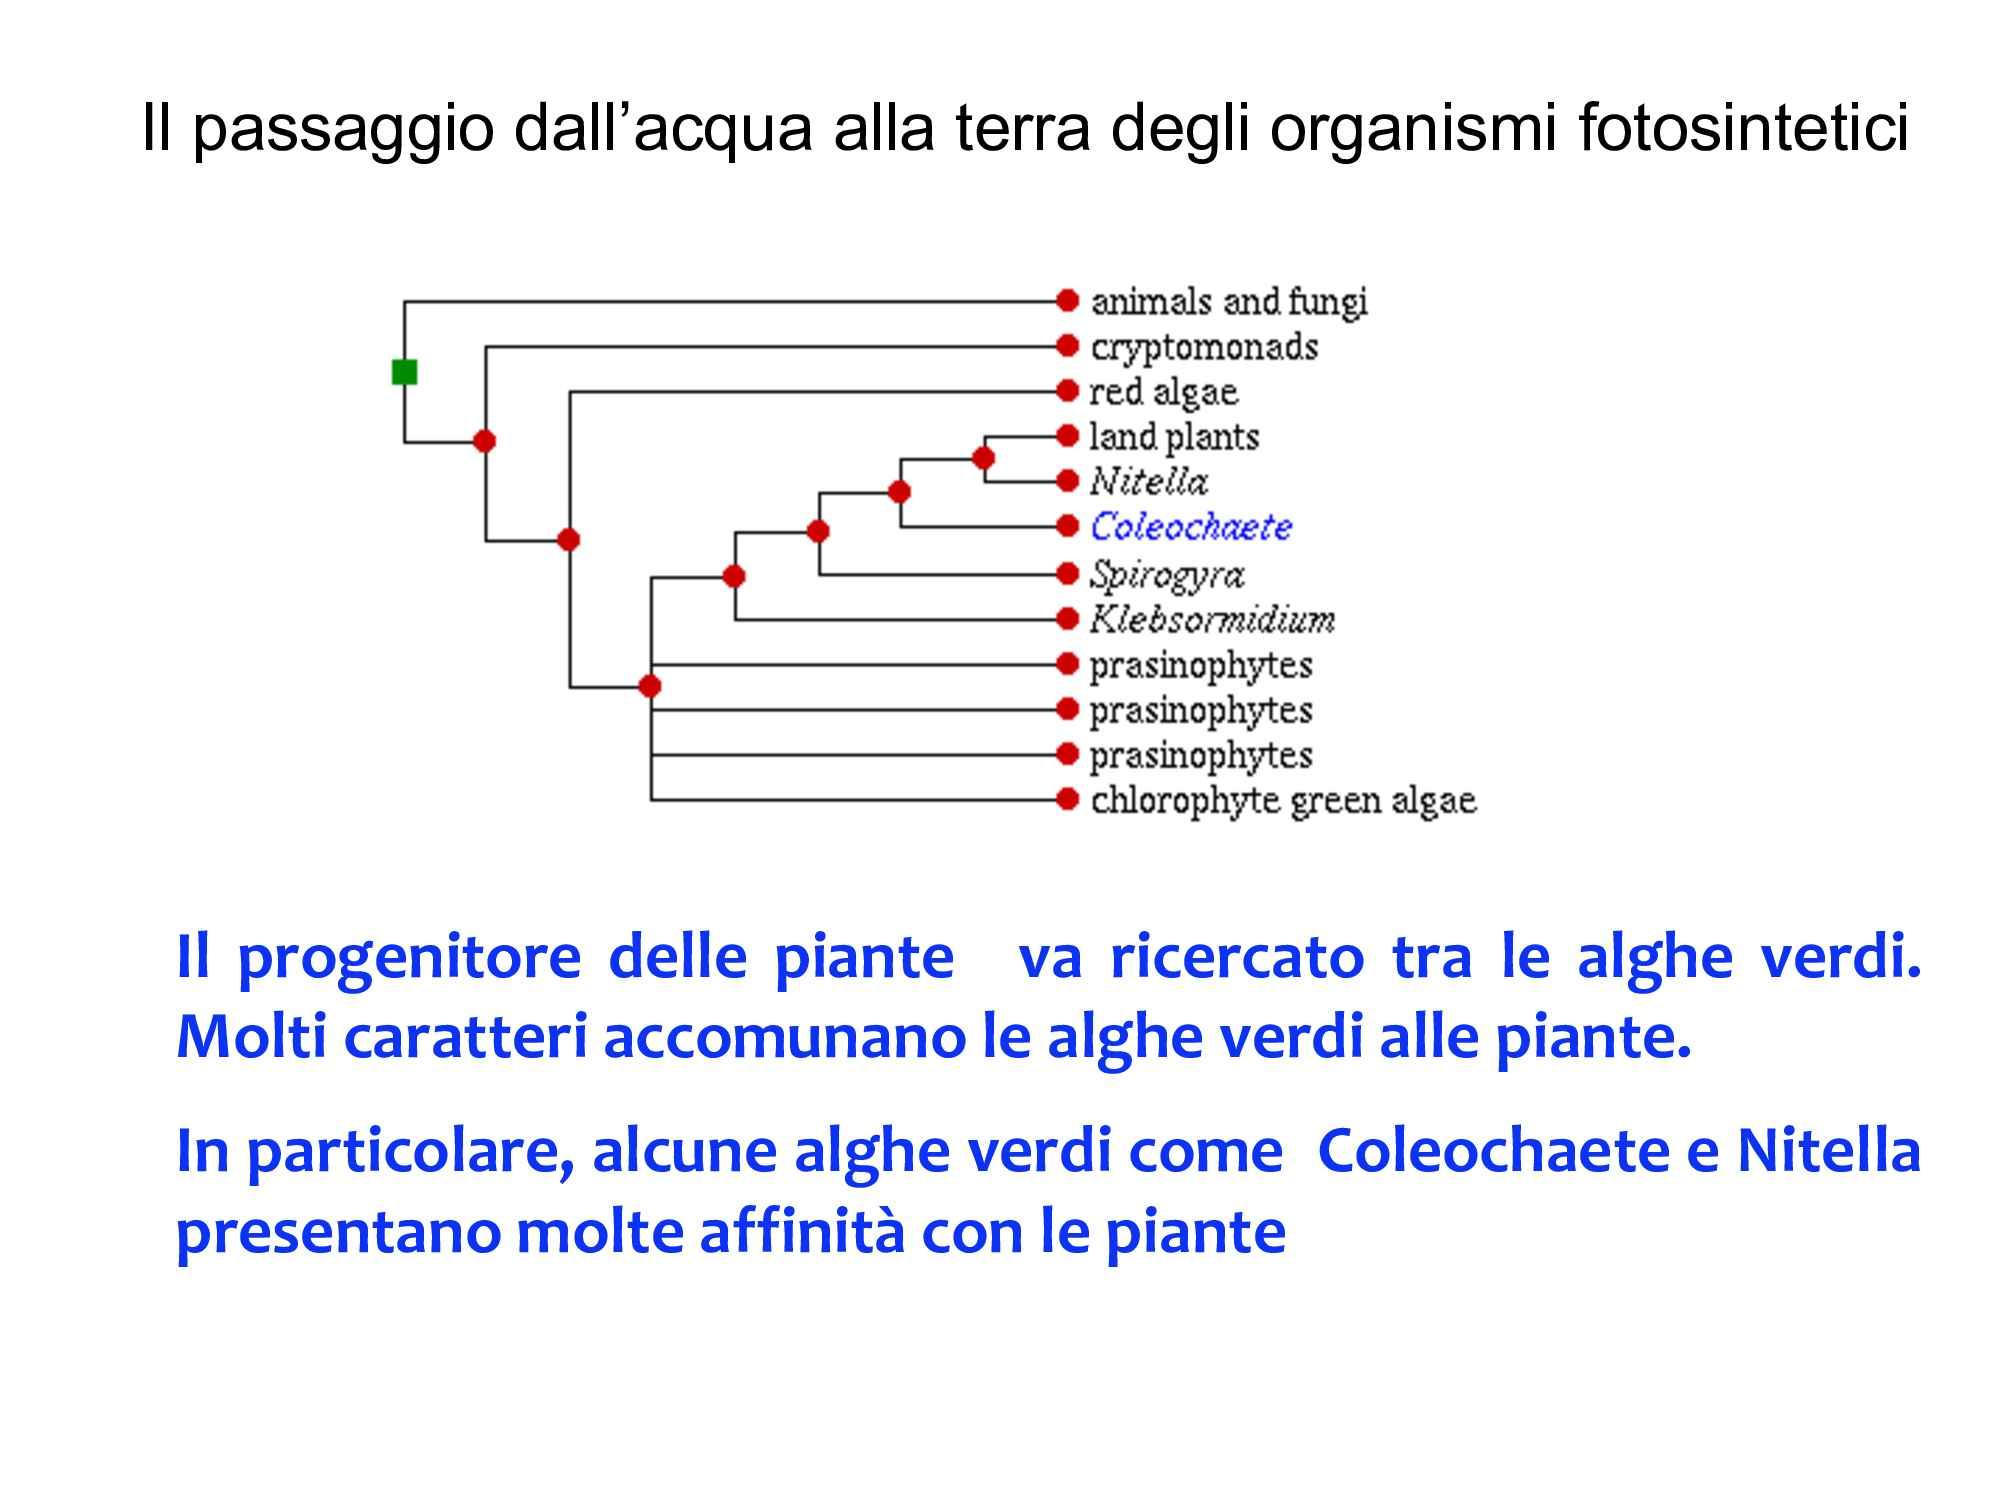 Il passaggio dall'acqua alla terra degli organismi fotosintetici